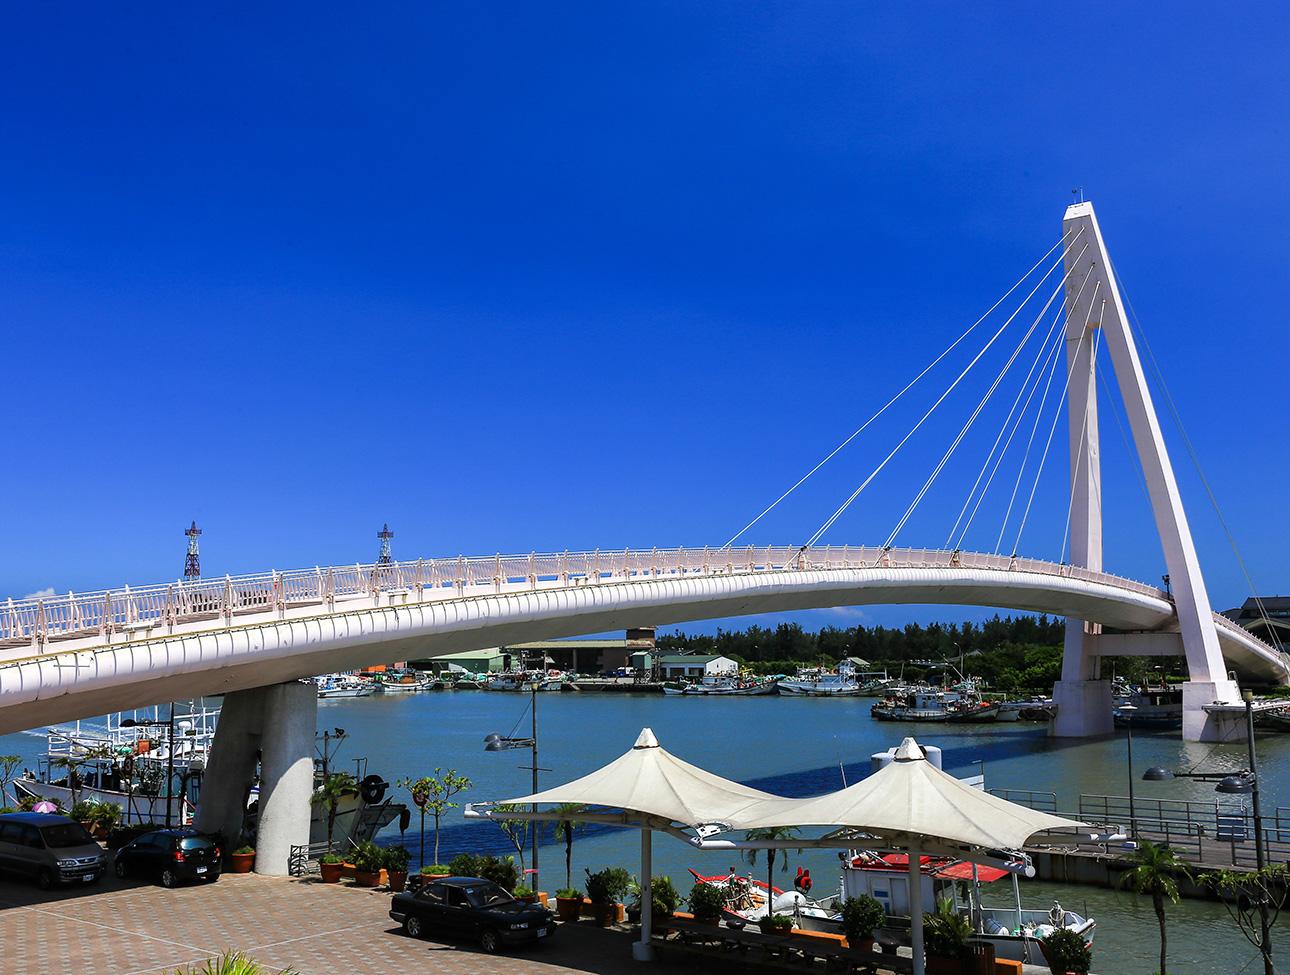 漁人碼頭 (圖片來源:新北市觀光旅遊網)